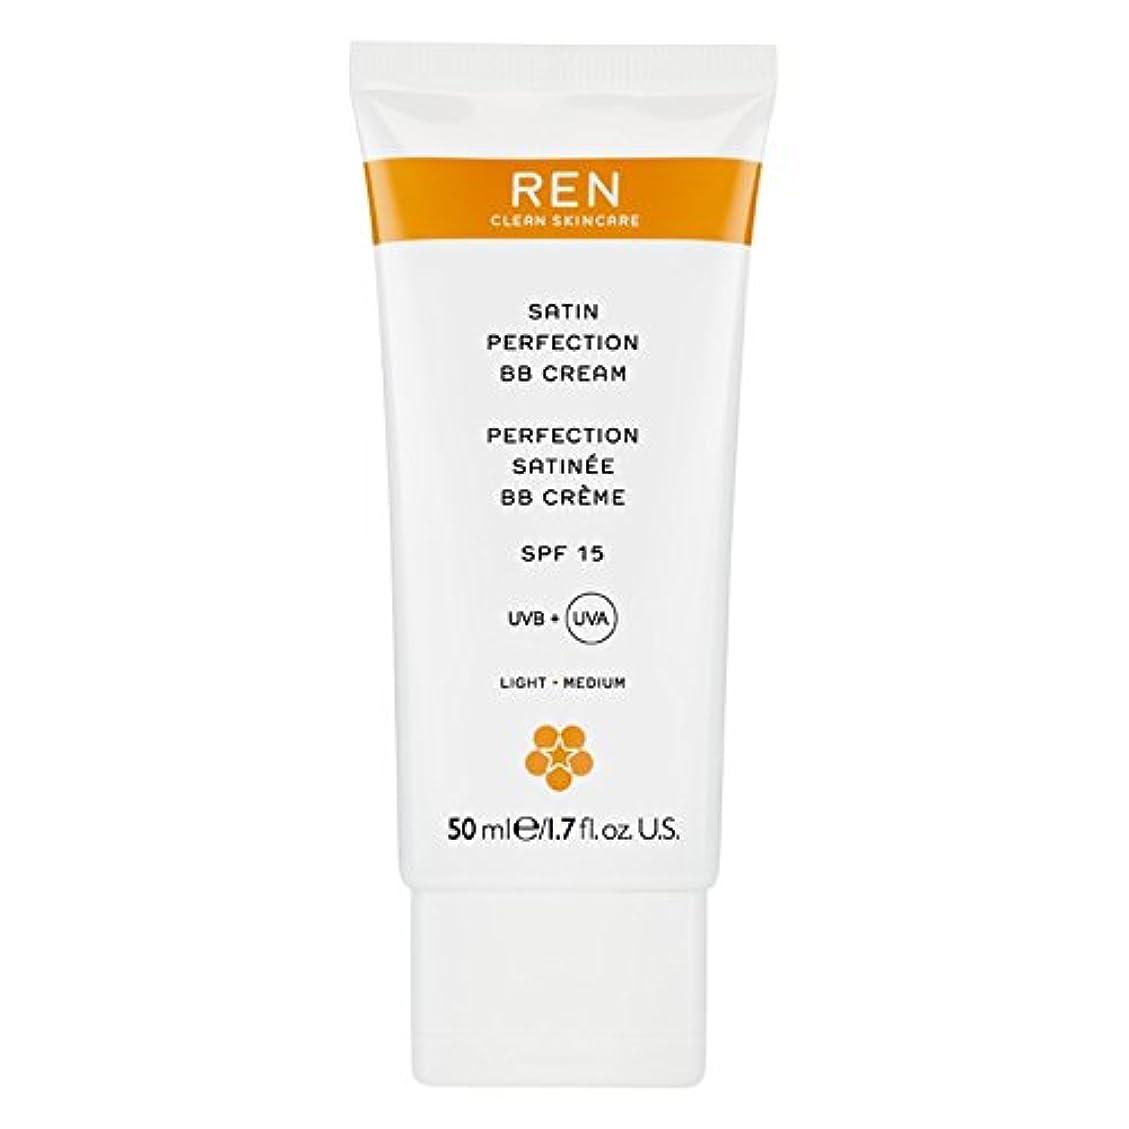 汚染された団結文献Renサテン完璧Bbクリーム50ミリリットル (REN) (x2) - REN Satin Perfection BB Cream 50ml (Pack of 2) [並行輸入品]